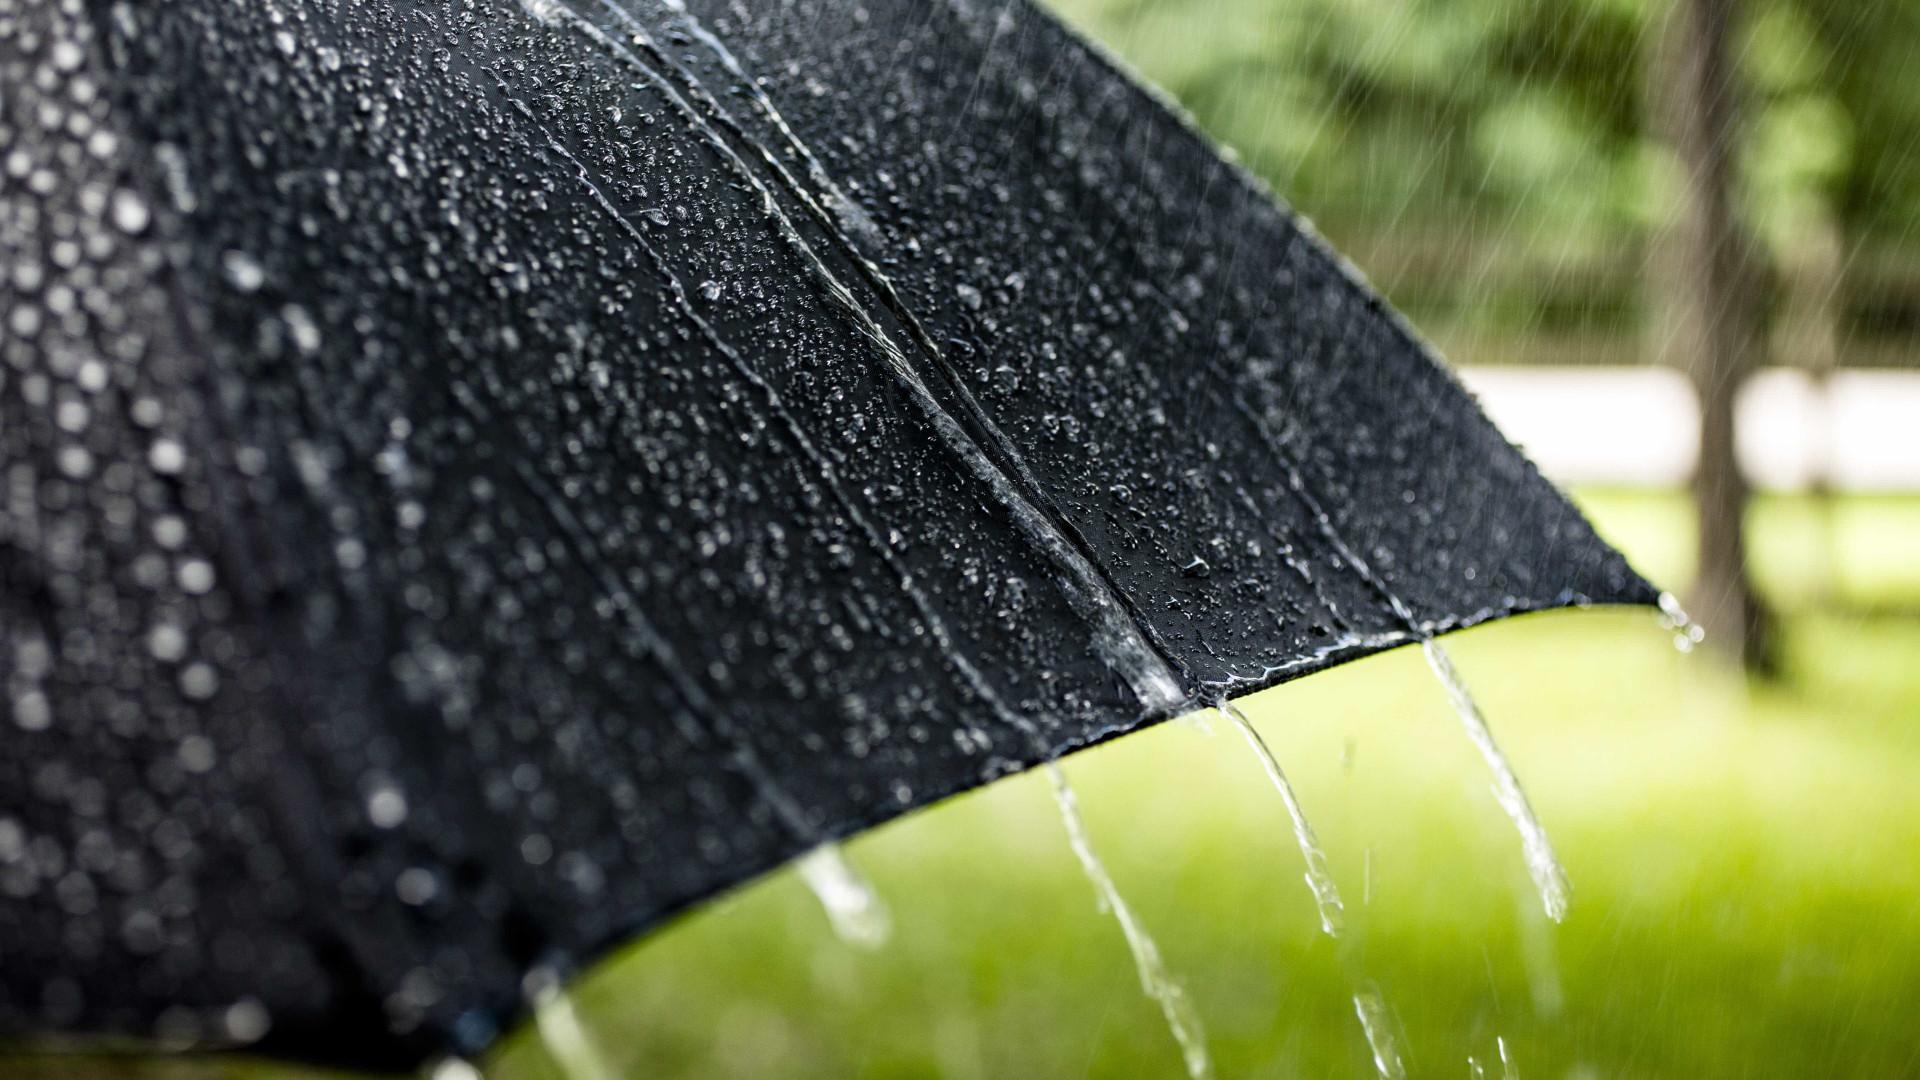 Madeira sob aviso laranja devido à previsão de chuva forte